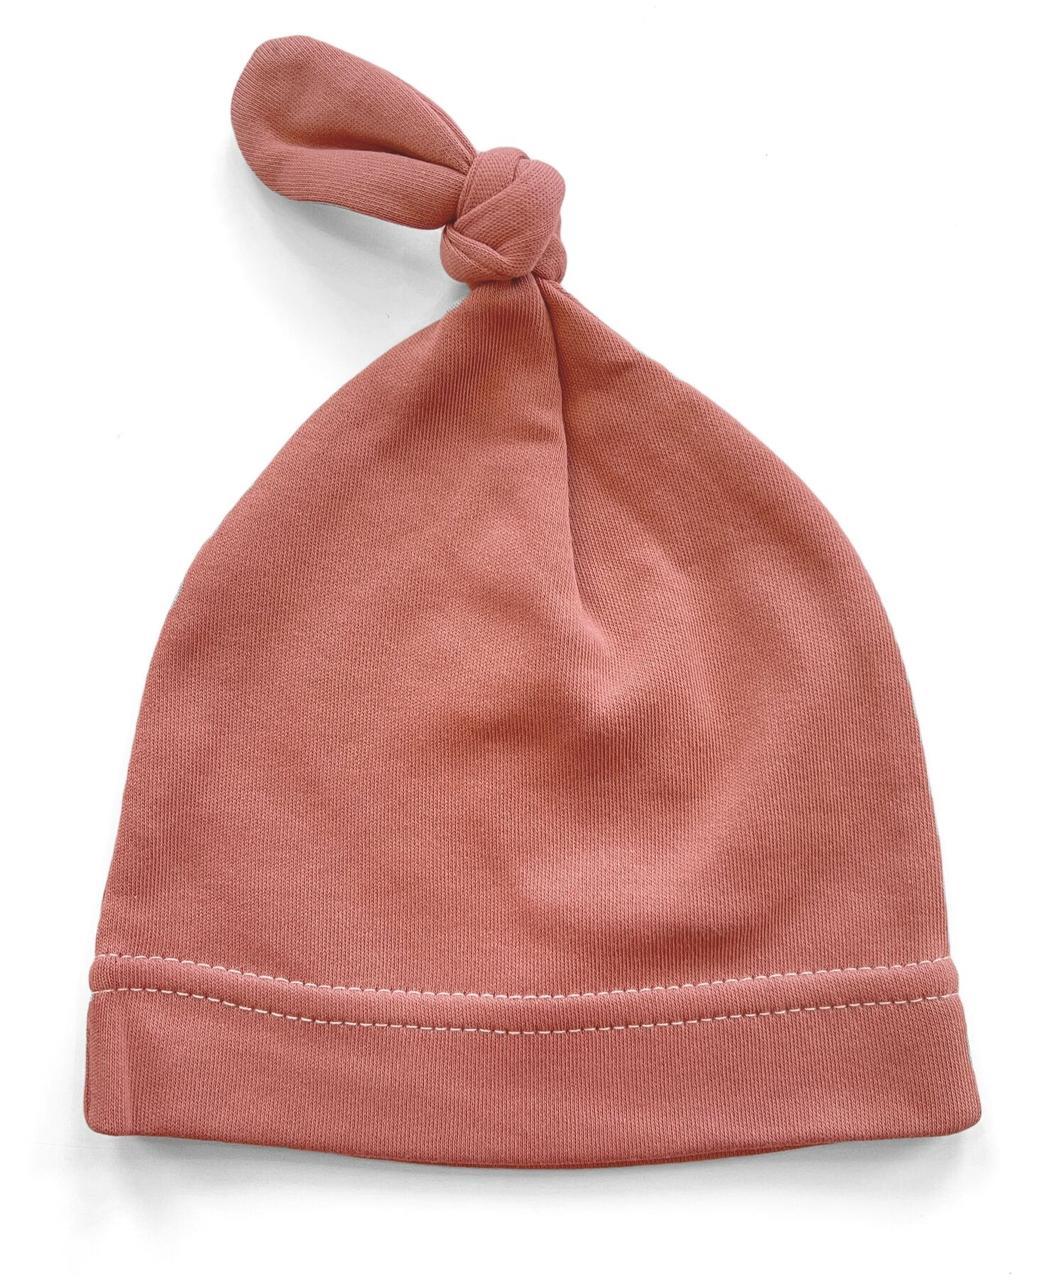 Шапочка Baby Body 0-6 мес Марсаловая с узелком №24